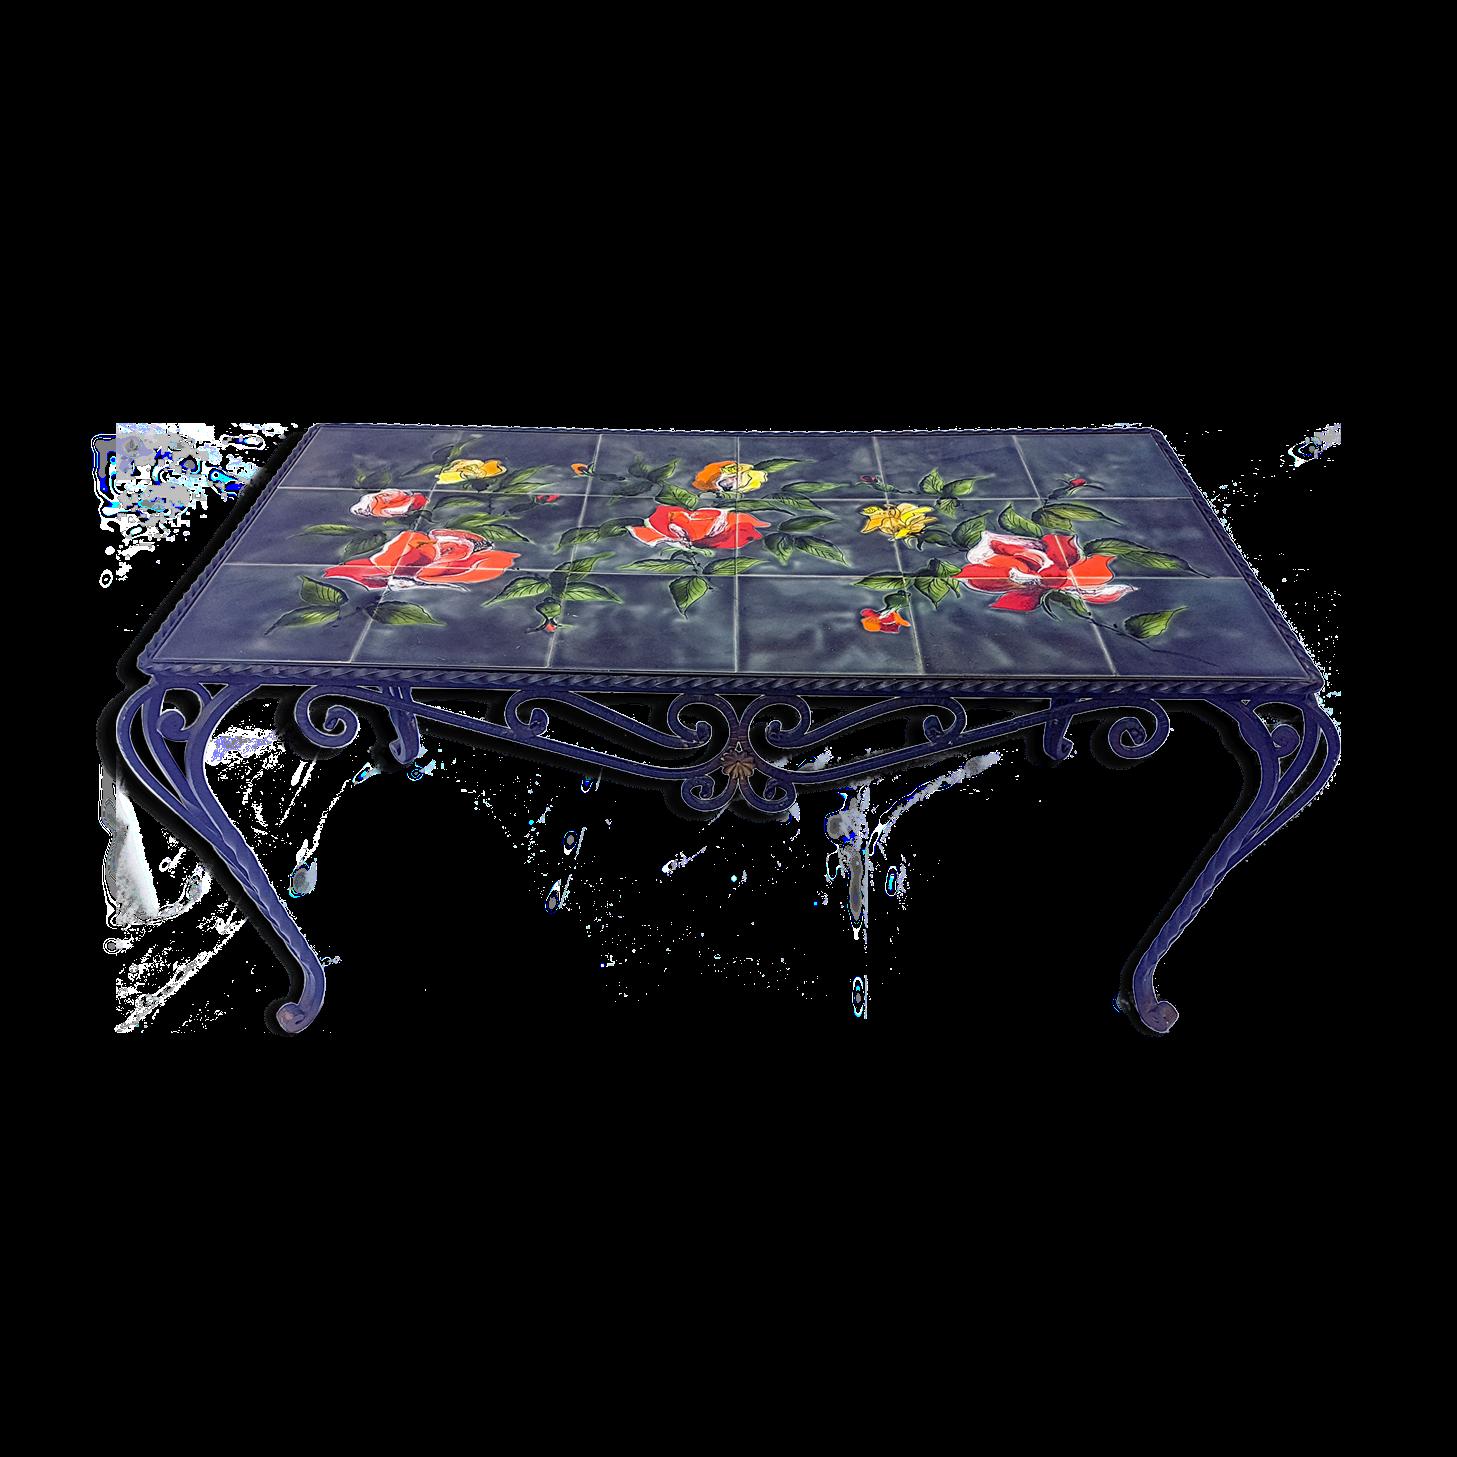 beste von roue pour table basse id es de conception de table basse. Black Bedroom Furniture Sets. Home Design Ideas